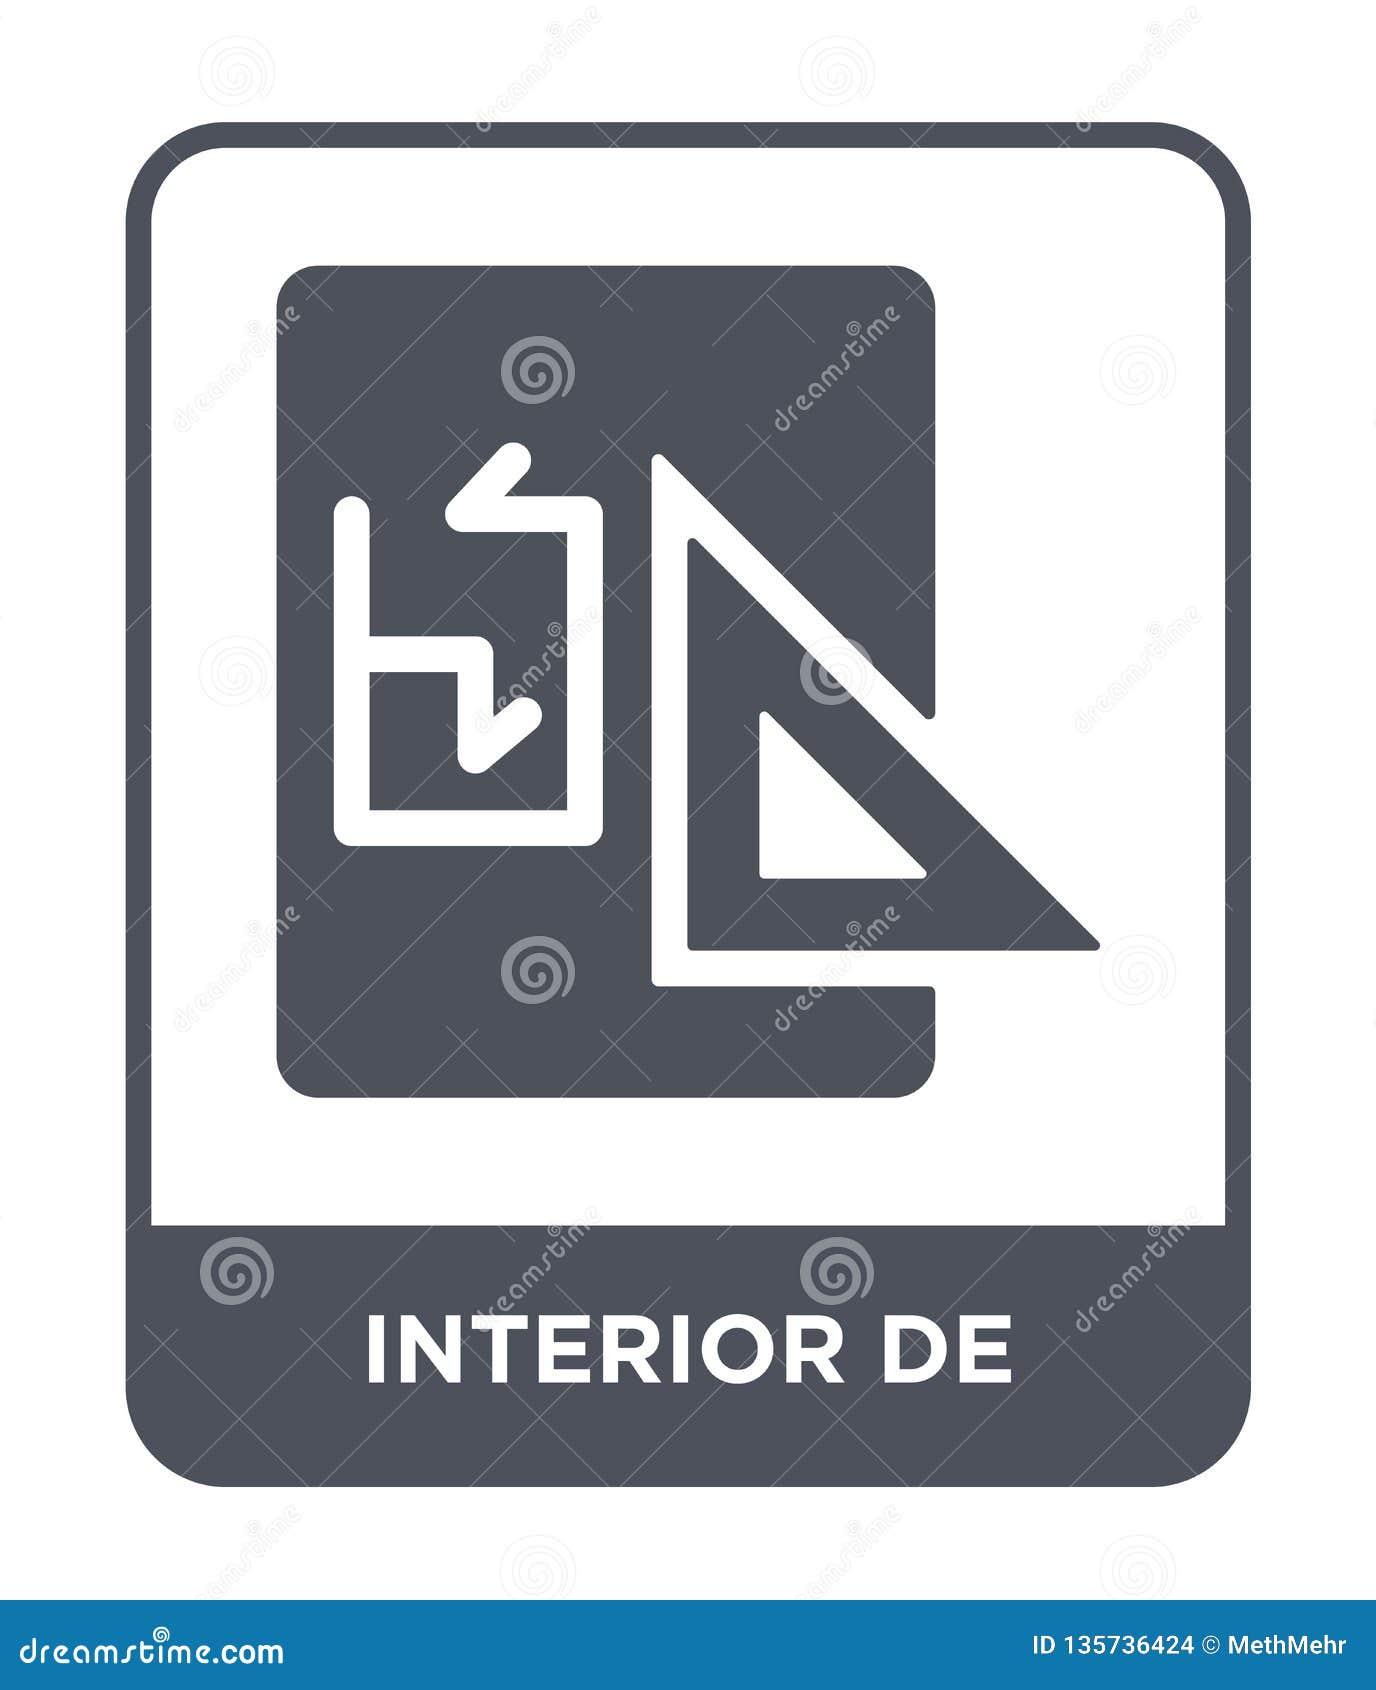 De interior icon en estilo de moda del diseño de interior icon aislado en el fondo blanco icono interior de vector simple y moder